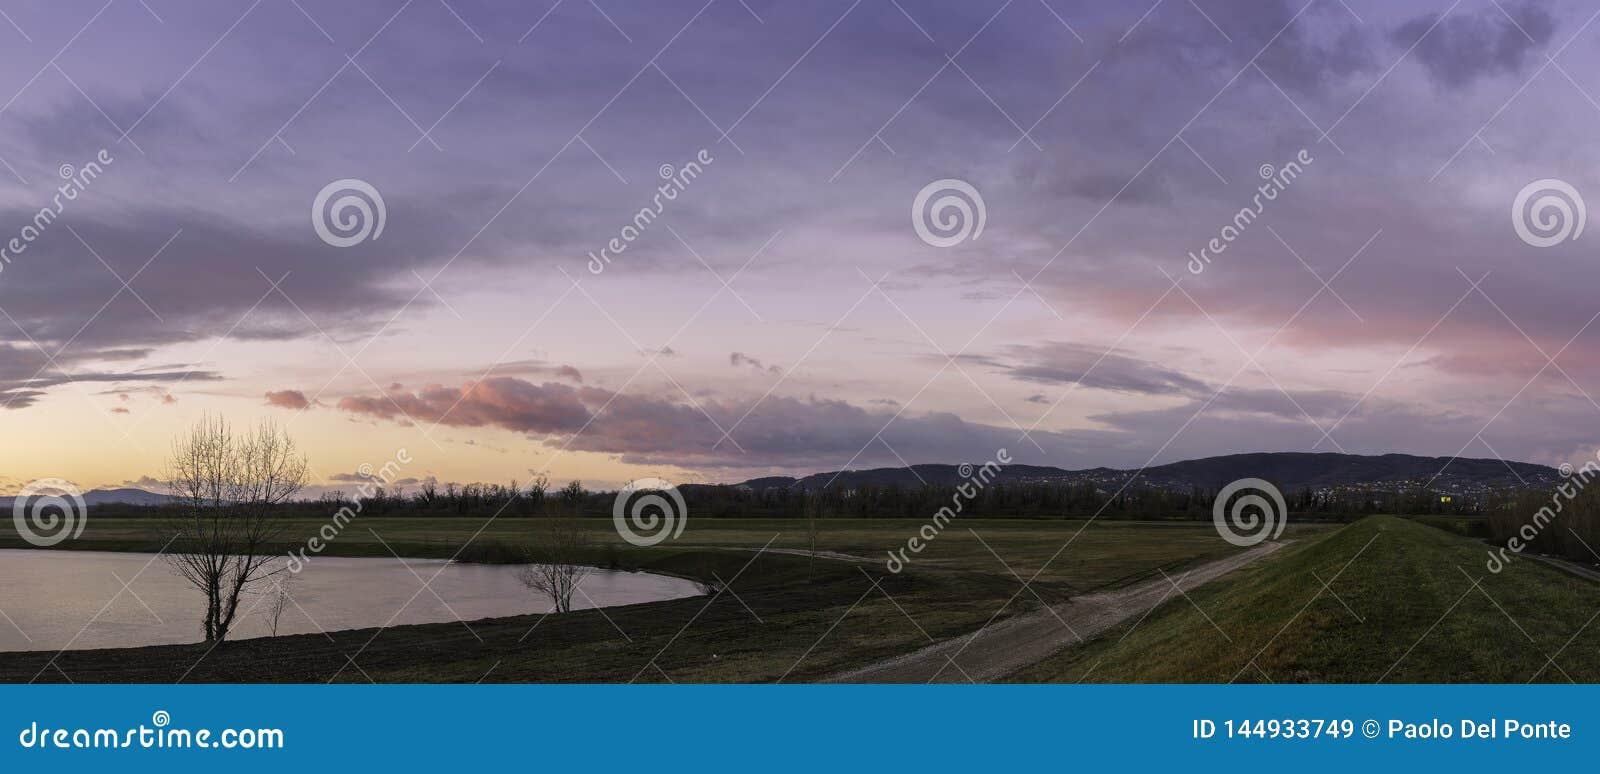 Panorama no lado oeste da cidade de Zagreb com lago, árvores, trajeto na terraplenagem do Rio Sava e o céu colorido nebuloso no